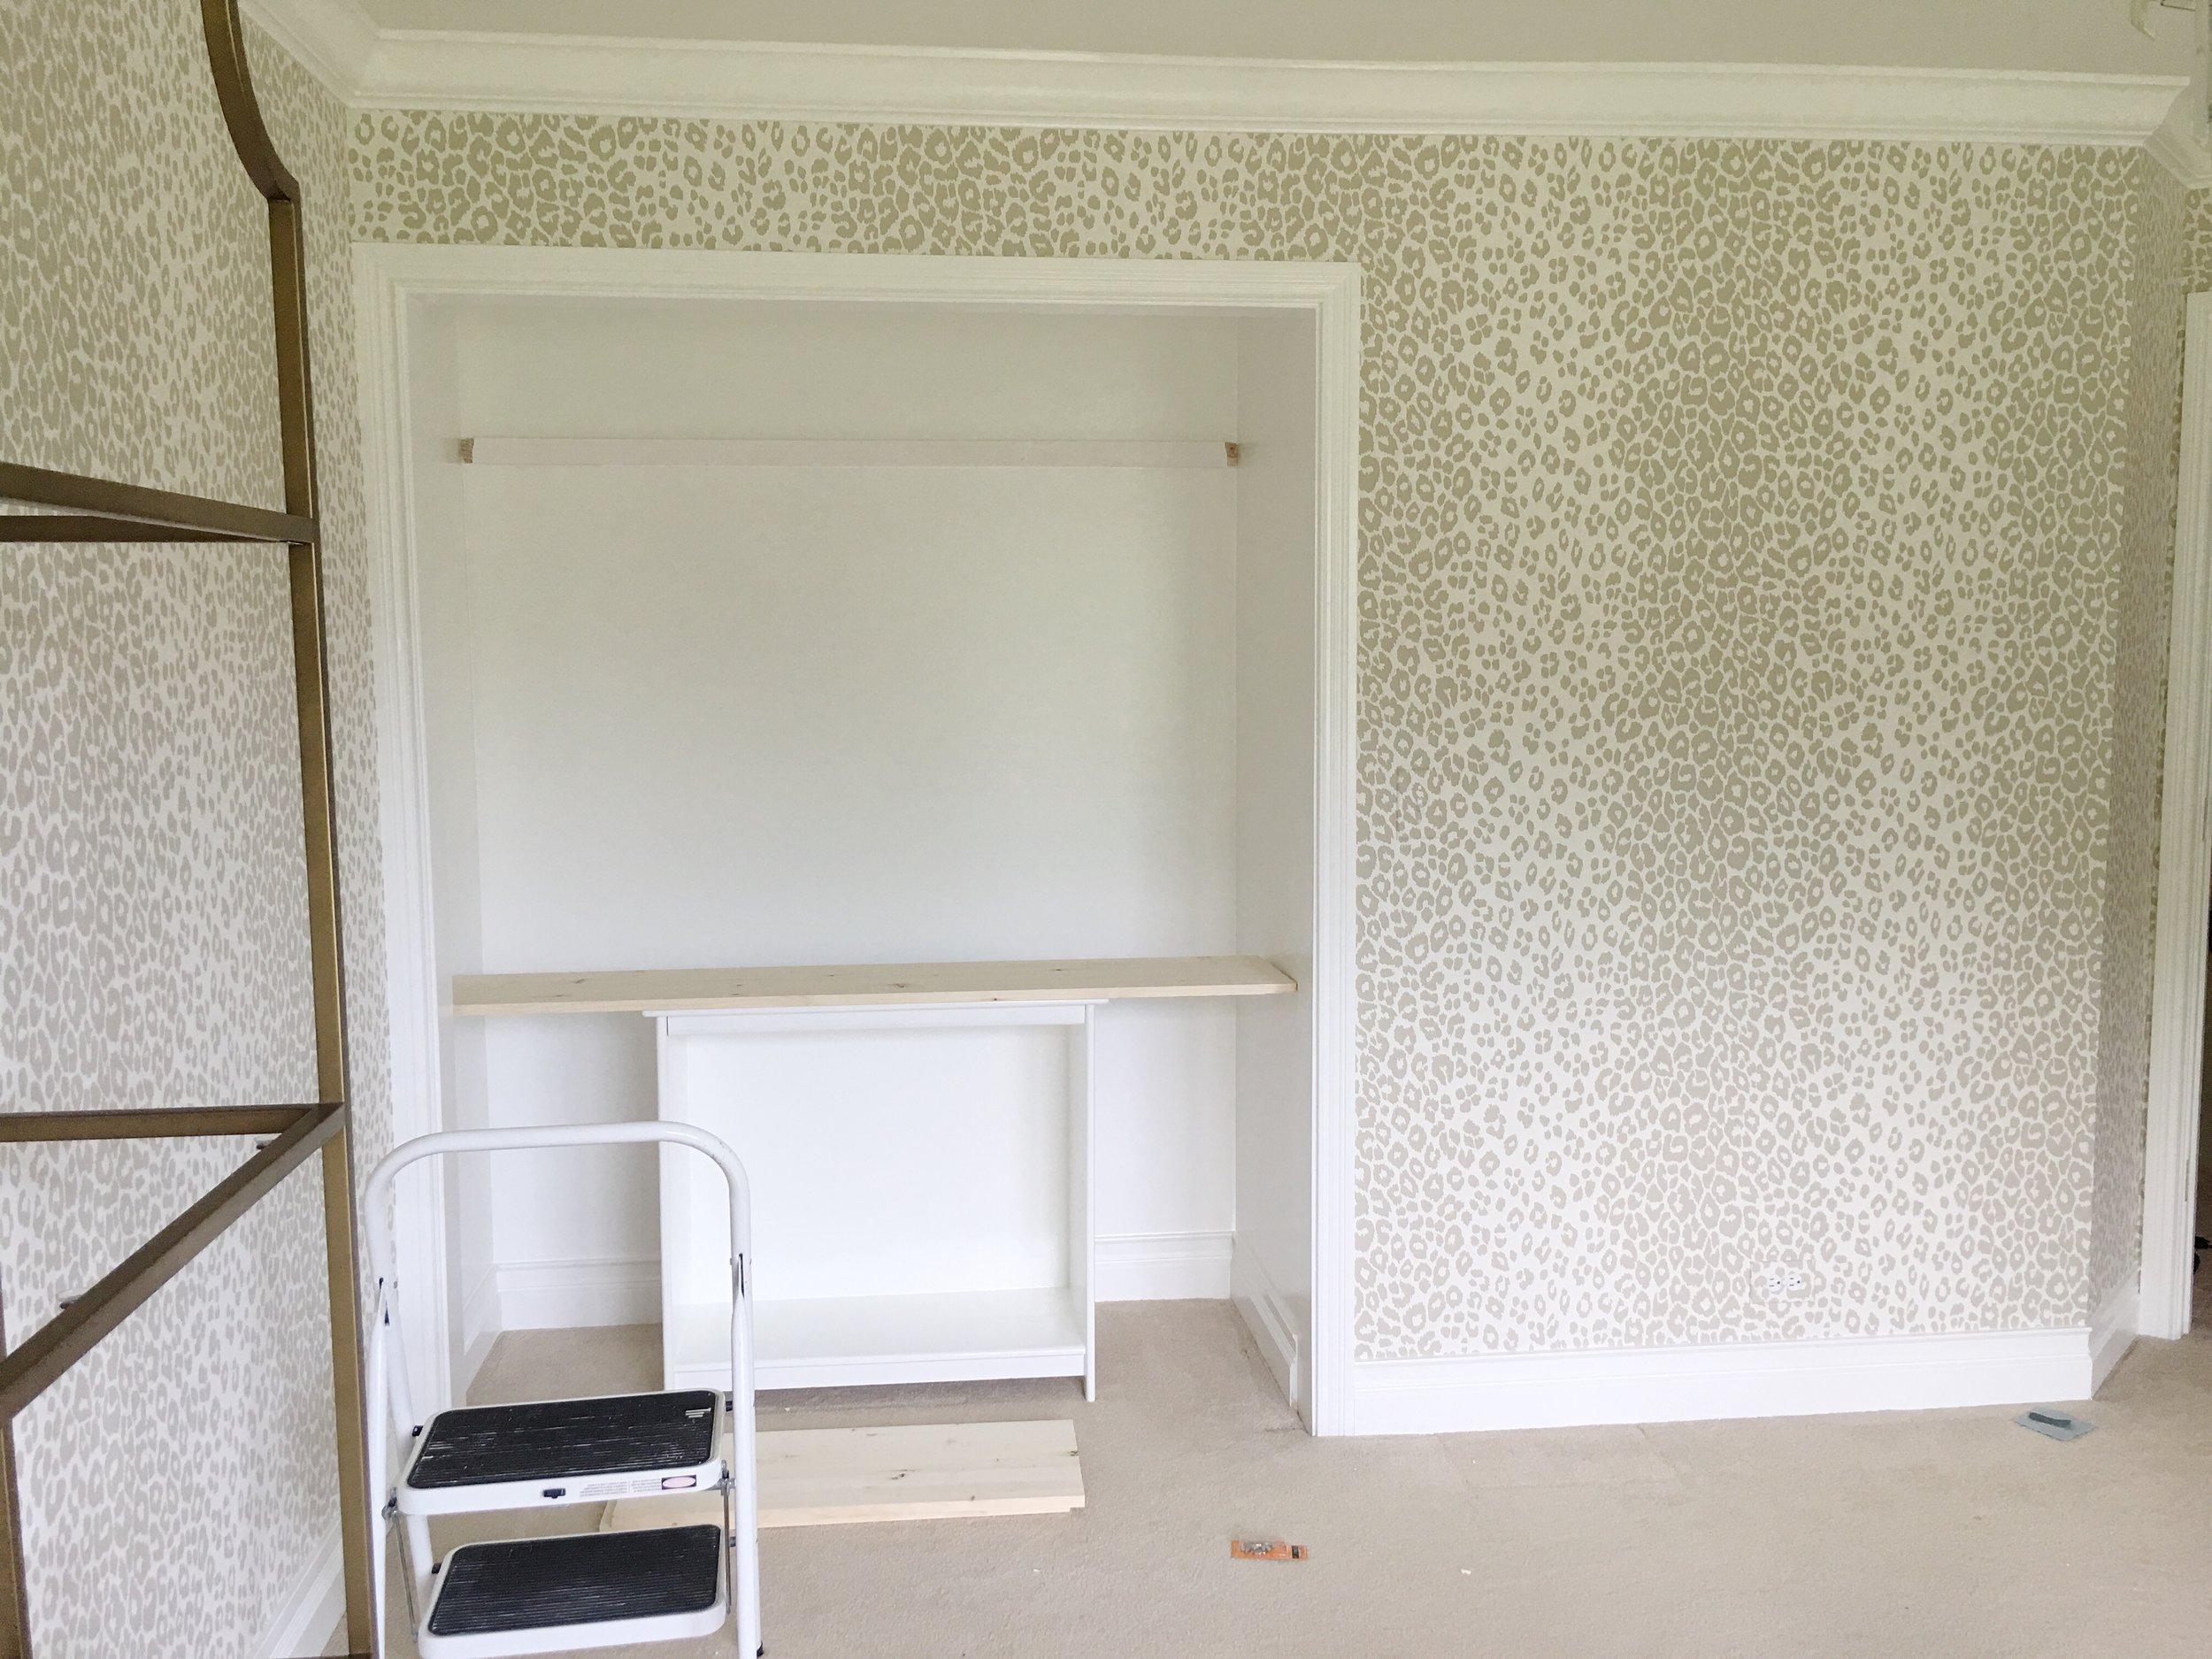 Schumacher Iconic Leopard Wallpaper- Tween Girls Room One Room Challenge | Laura Design Co.